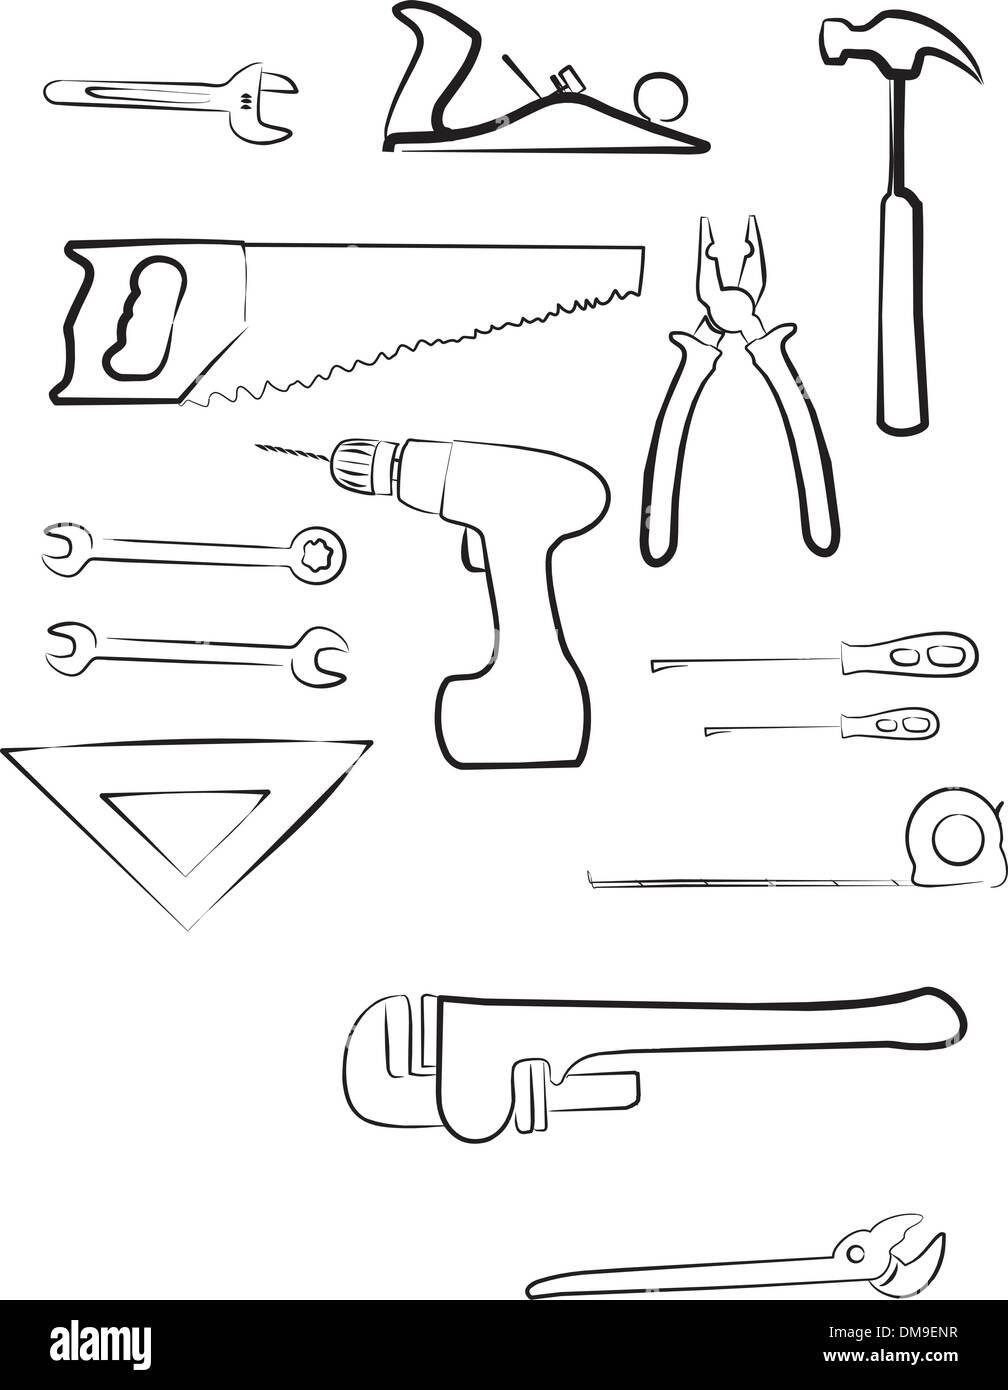 set of repairing tools - Stock Image